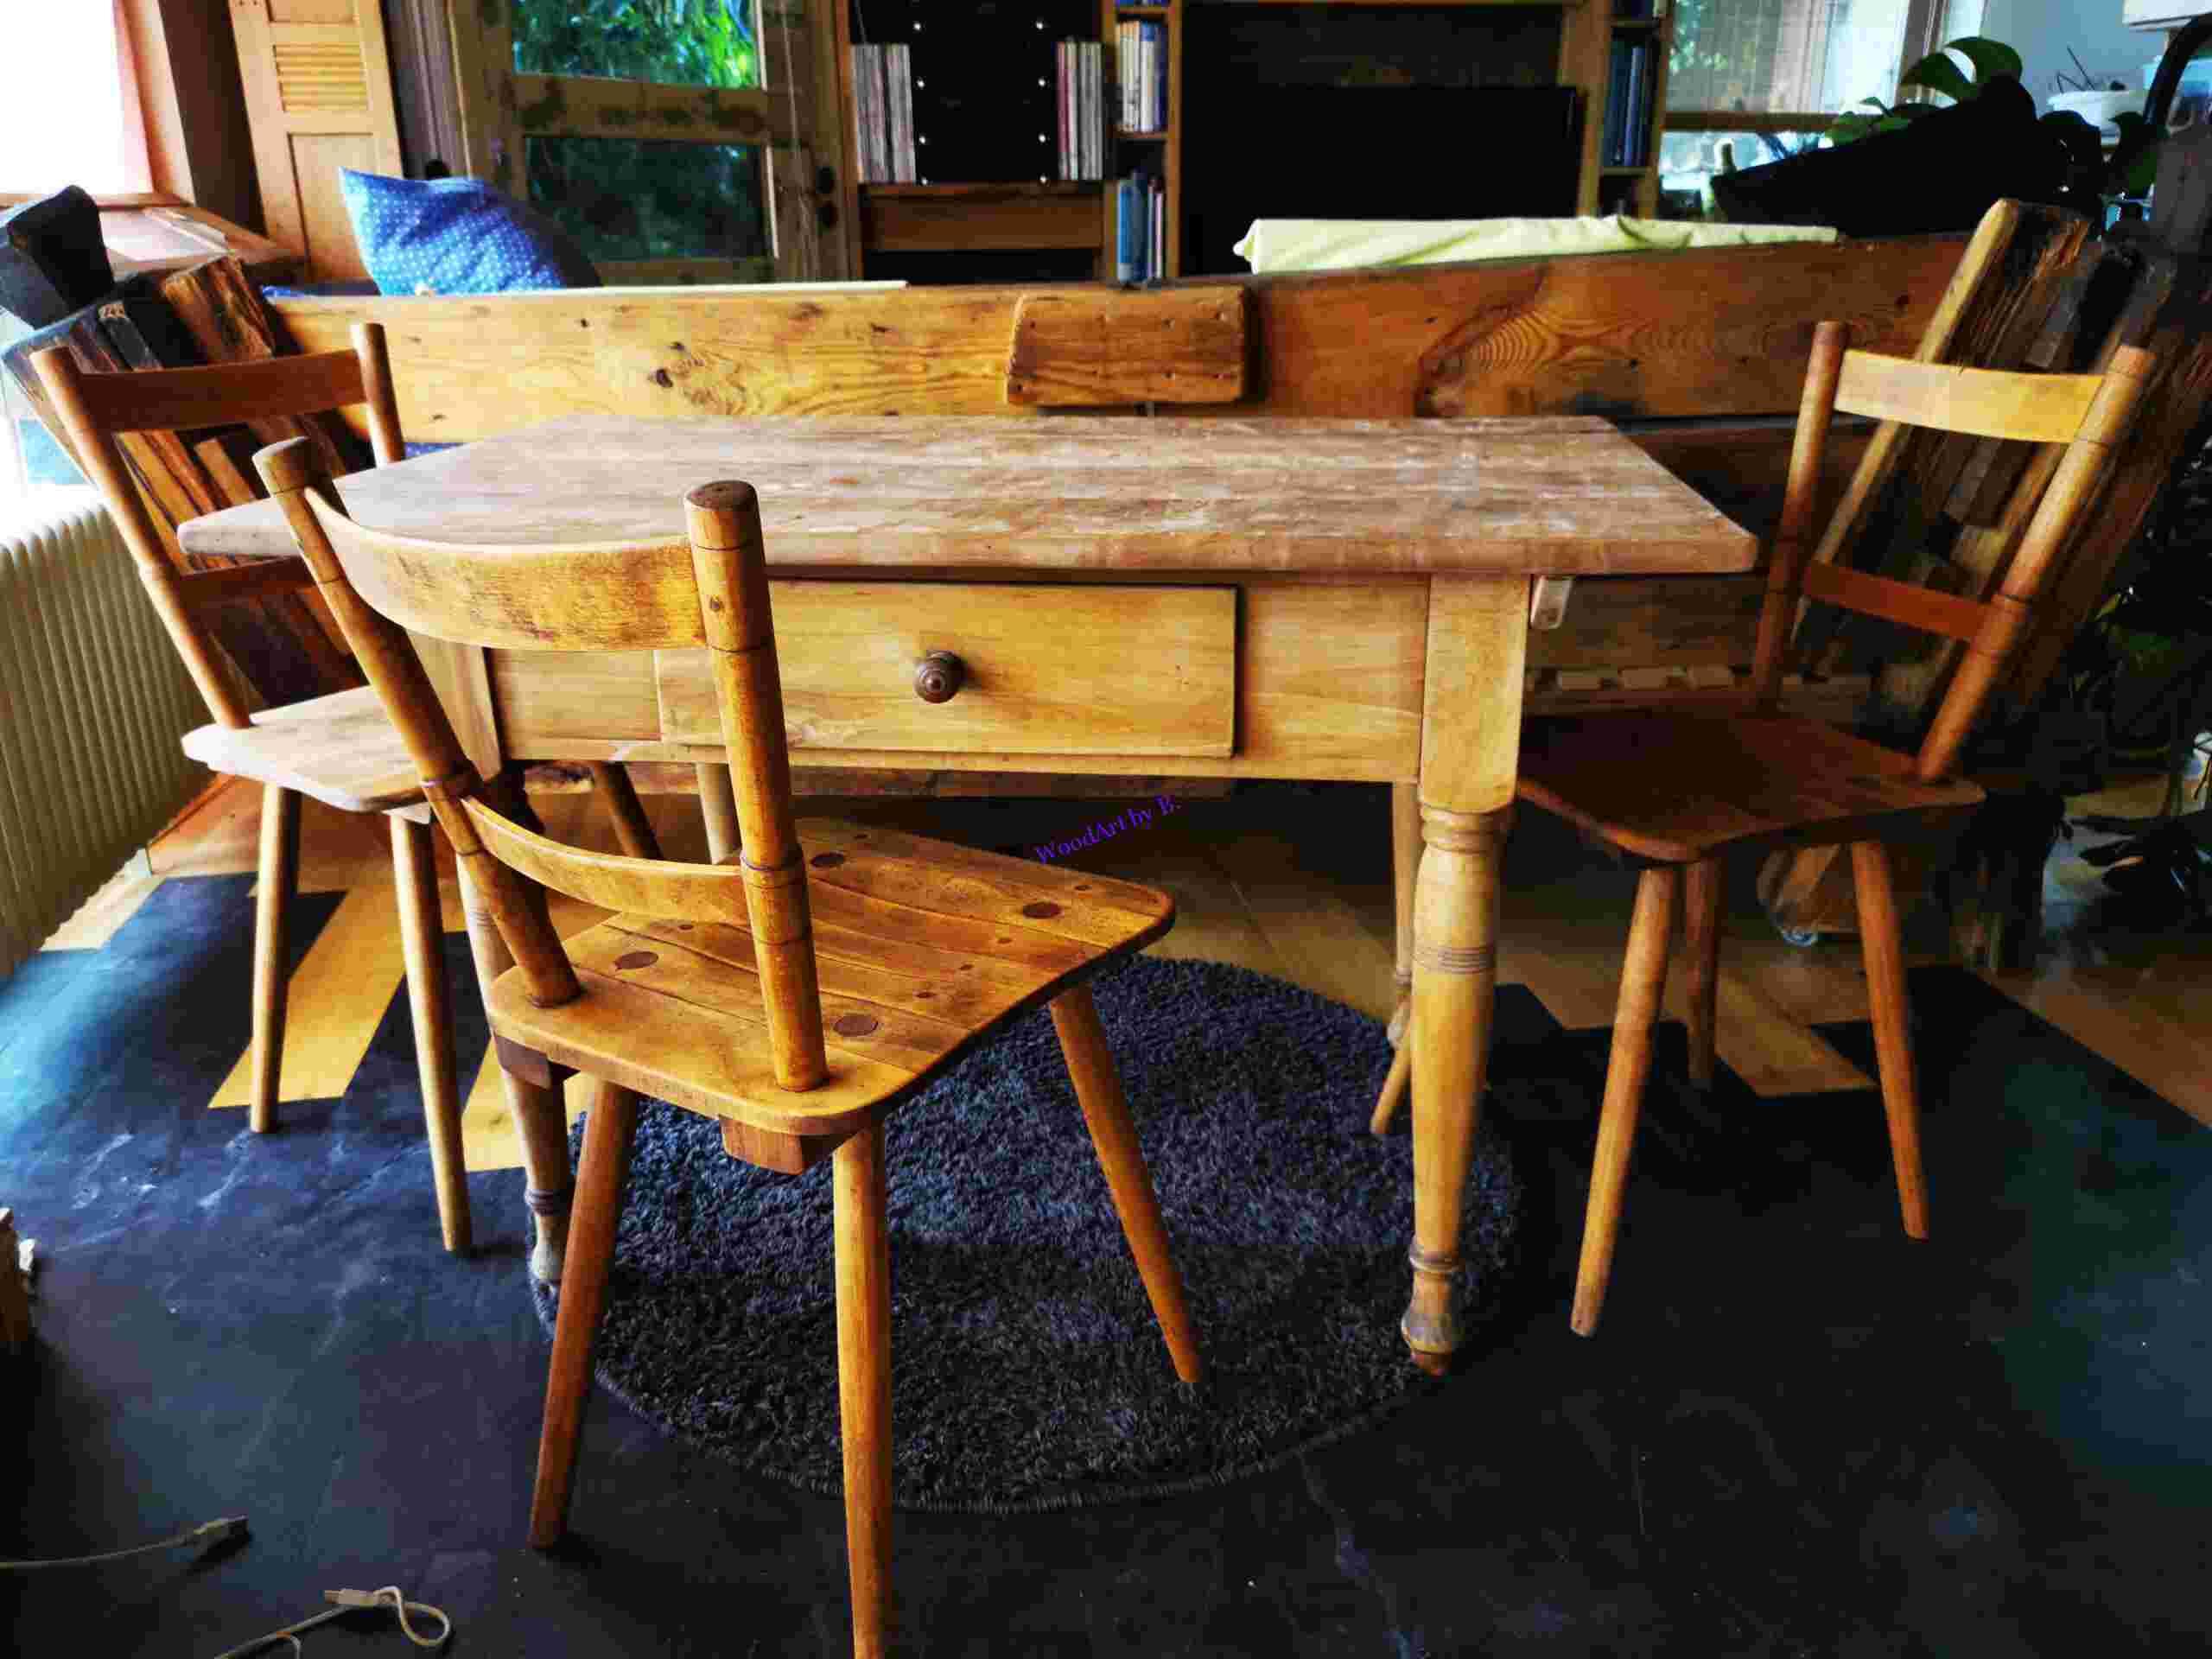 Küchentisch mit Stühlen, nach der Restauration.